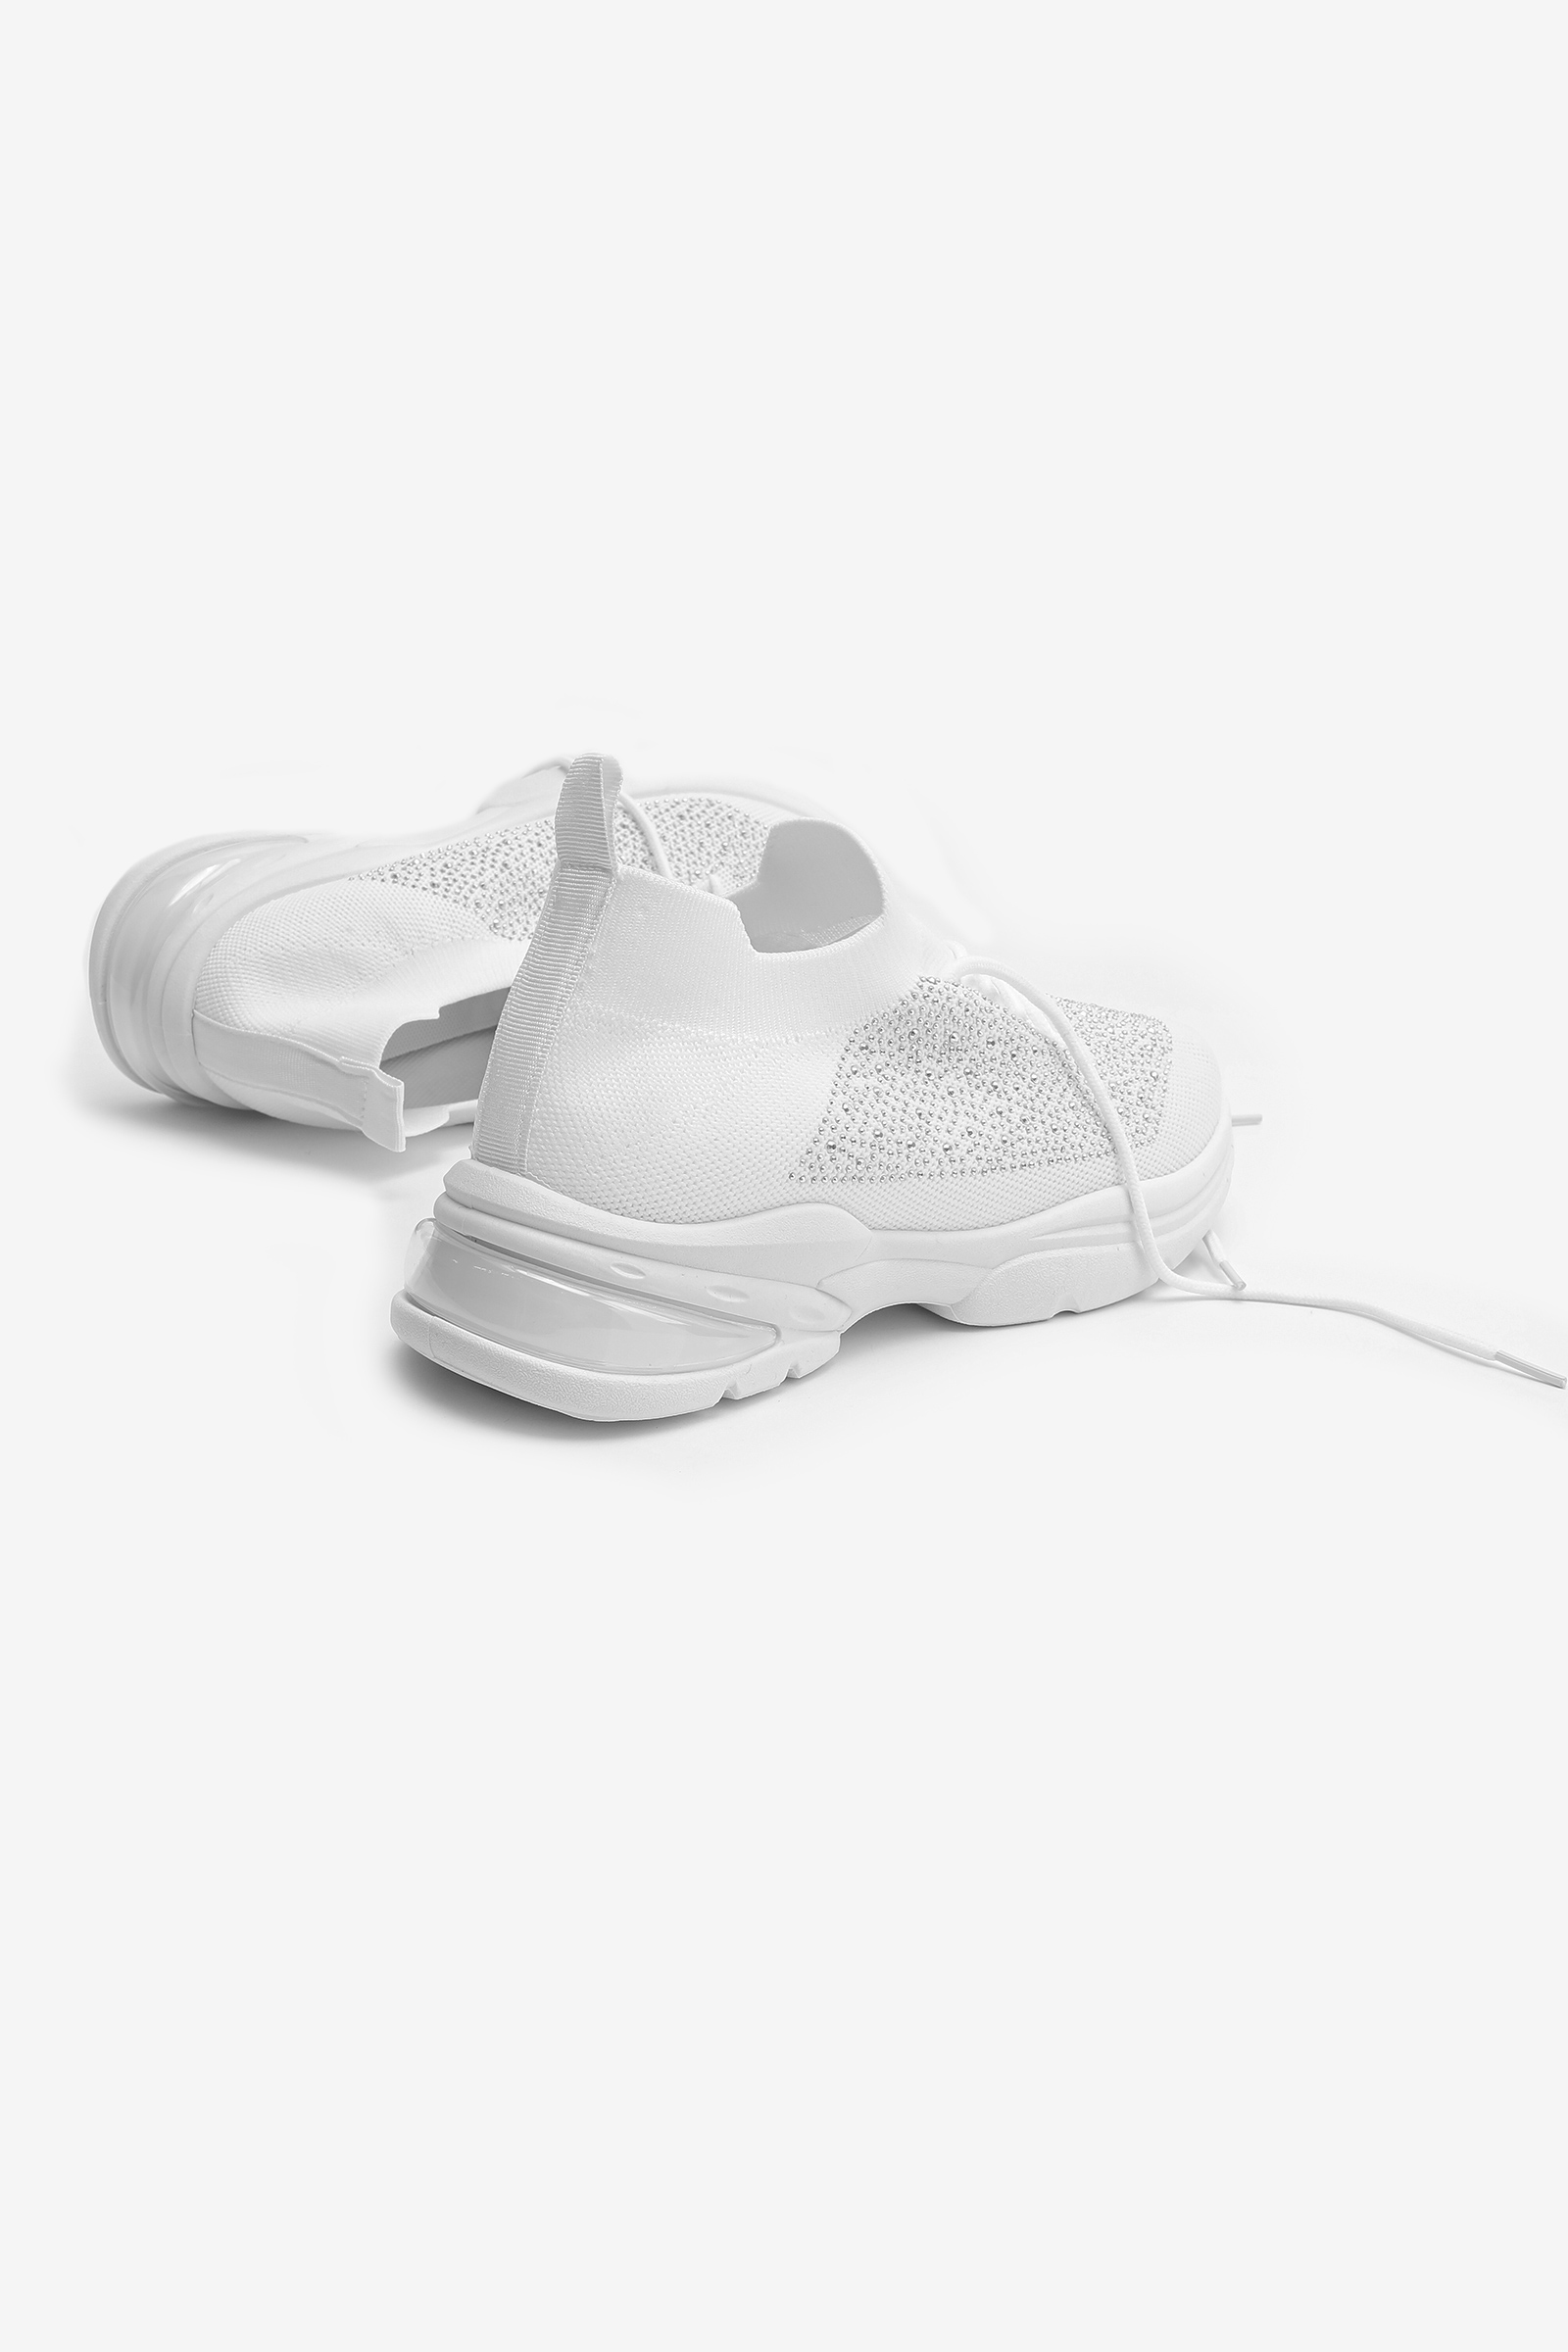 Rhinestone Running Shoes